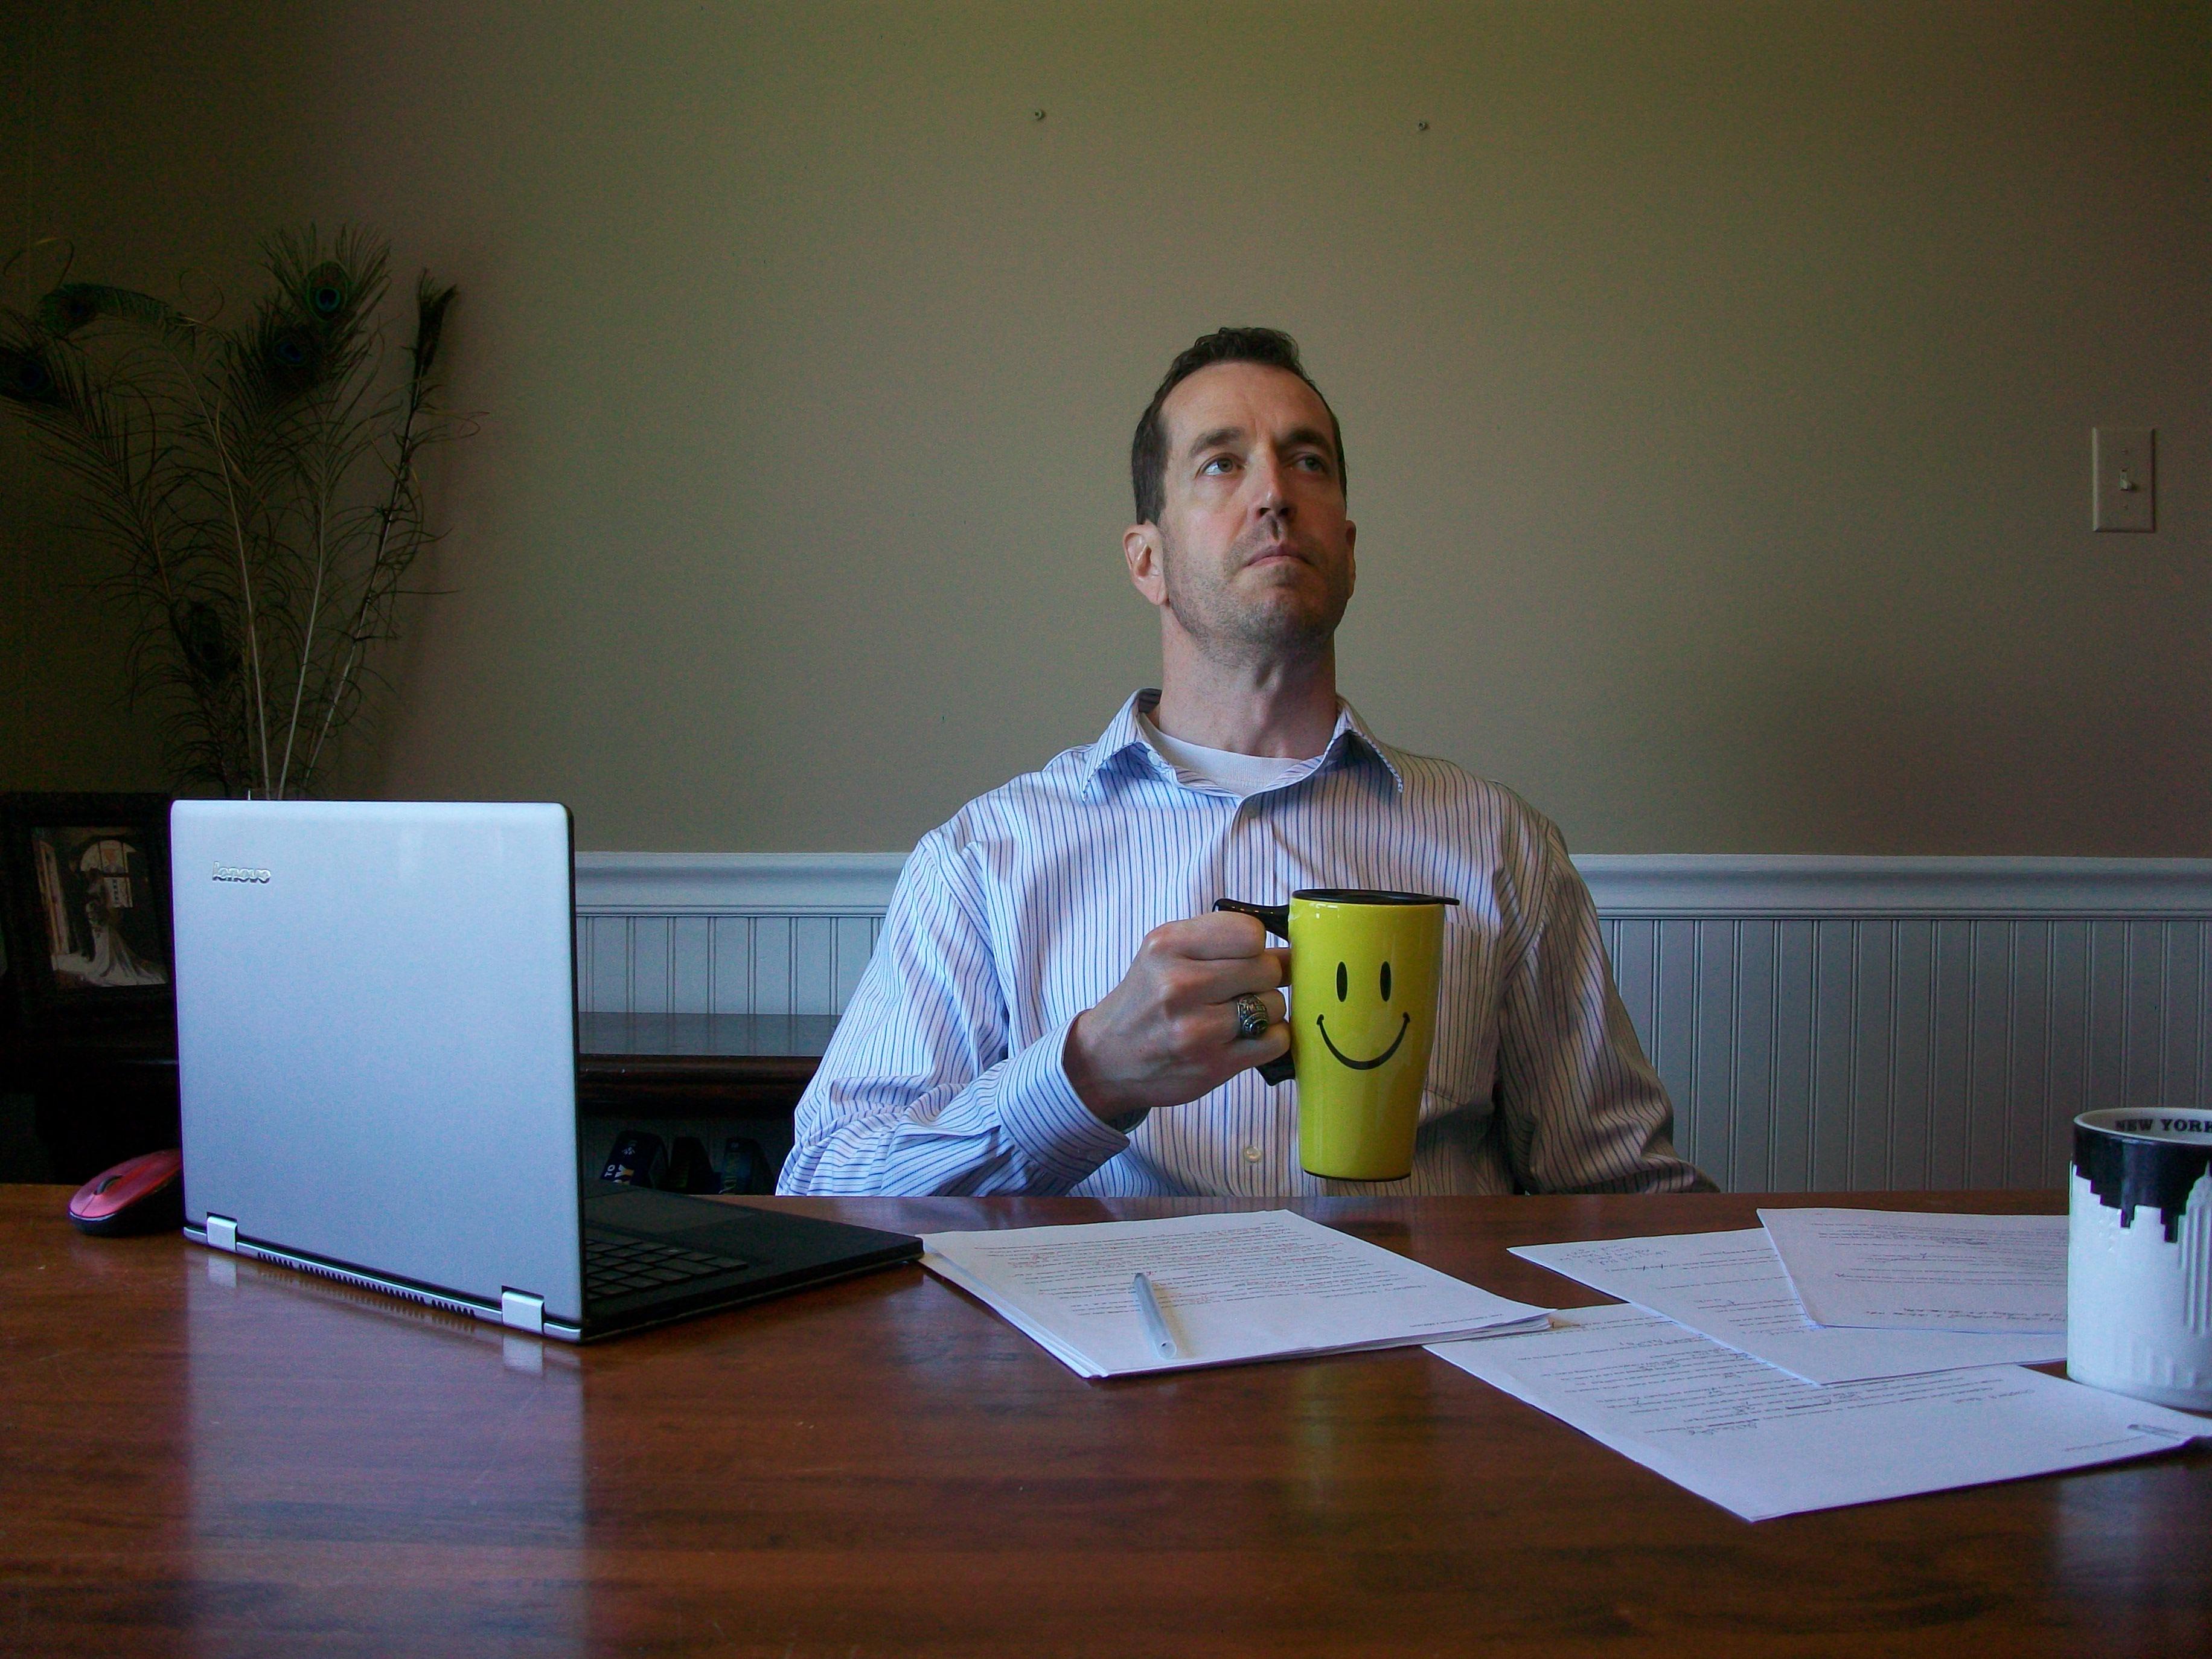 Author David McCaleb Happy Face